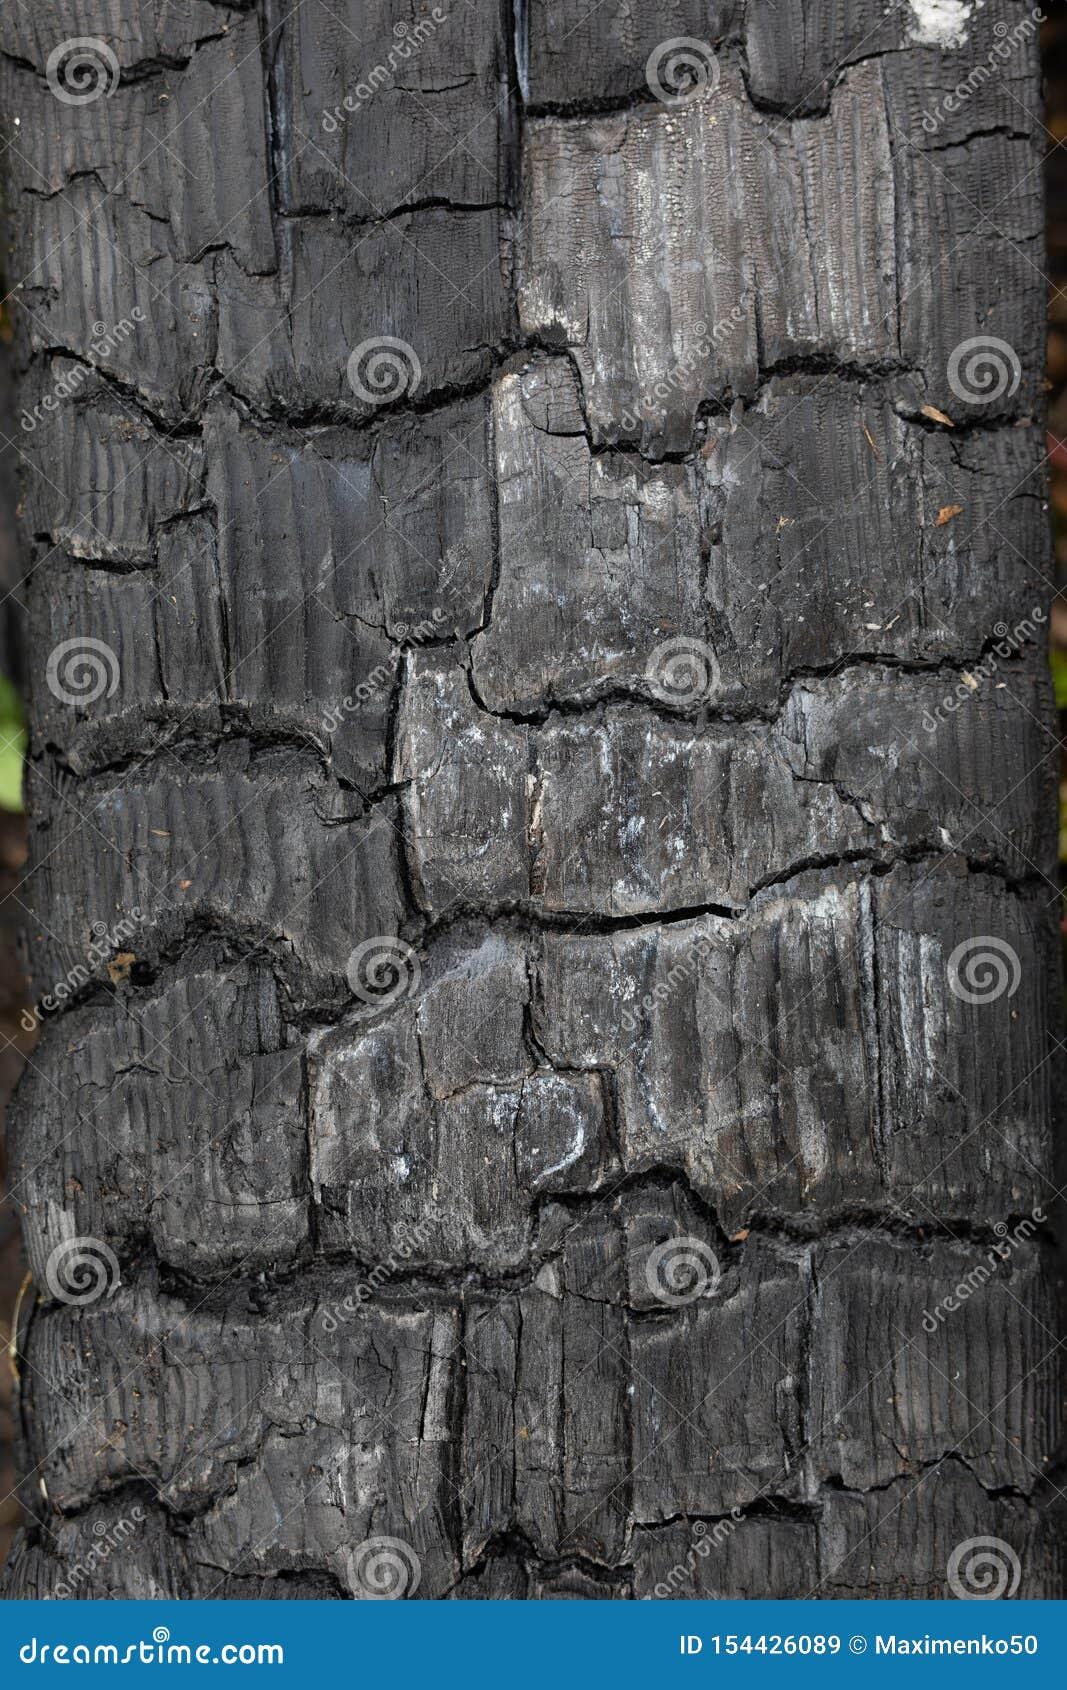 Fondo, contexto, madera carbonizada negra de la textura, madera, carbón después del fuego, abstracto y en grietas del carbón de l